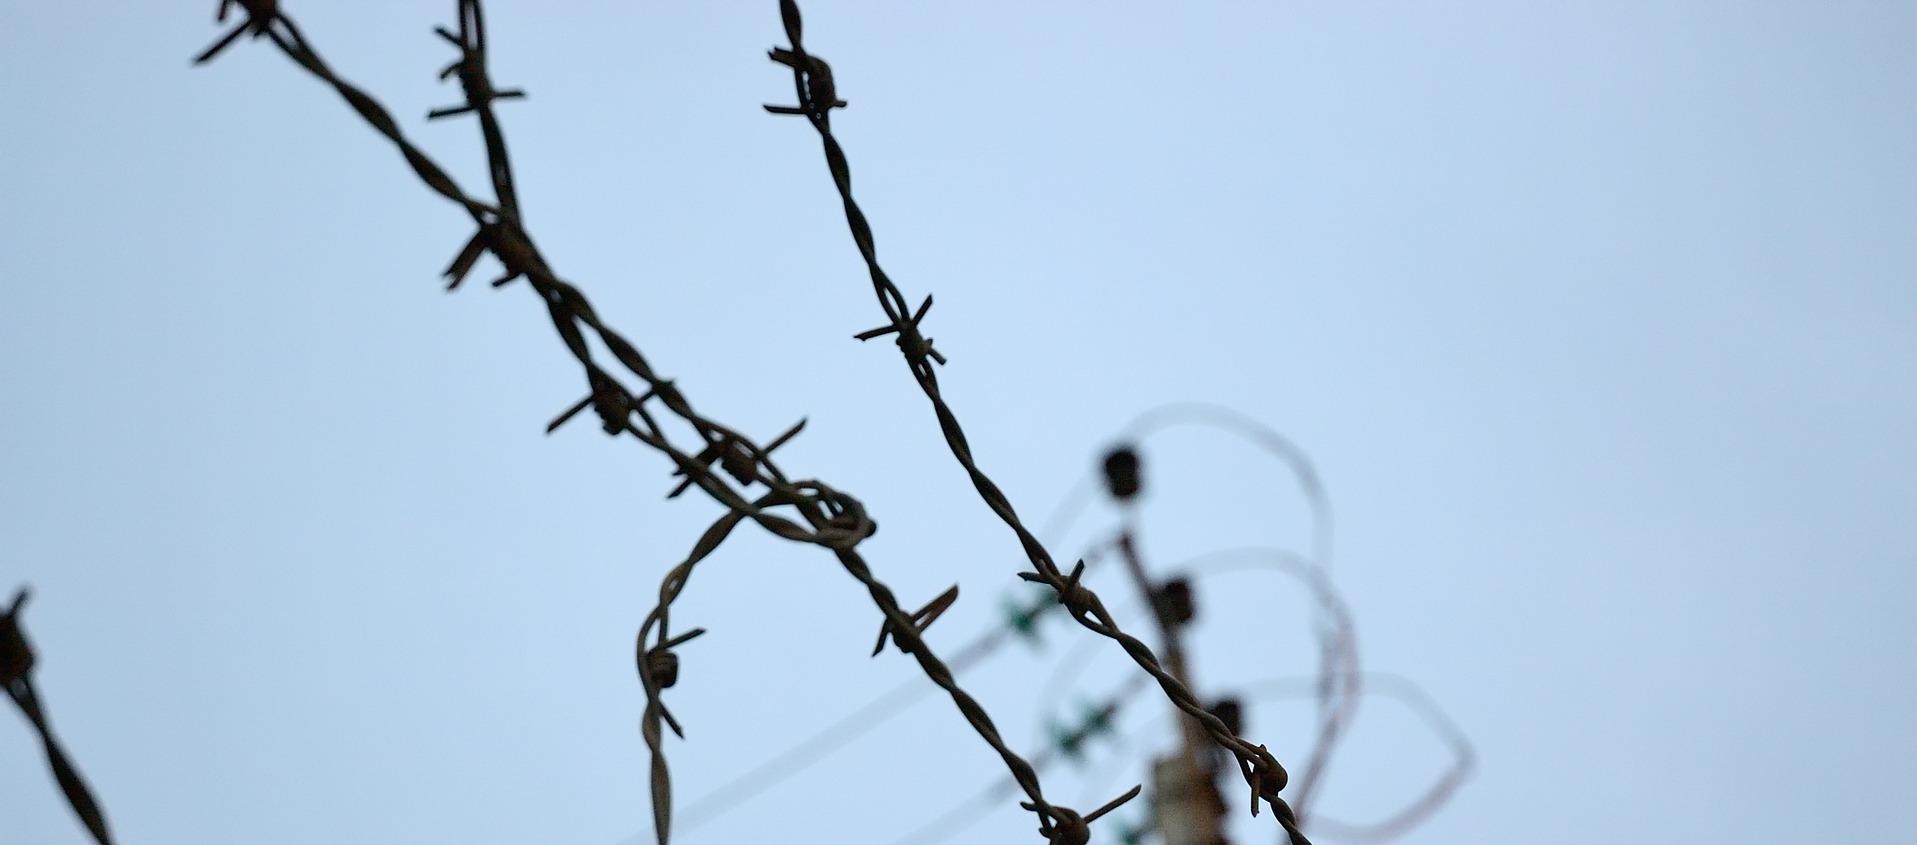 Menschen in Not nicht sich selbst überlassen – Europäische Solidarität JETZT!